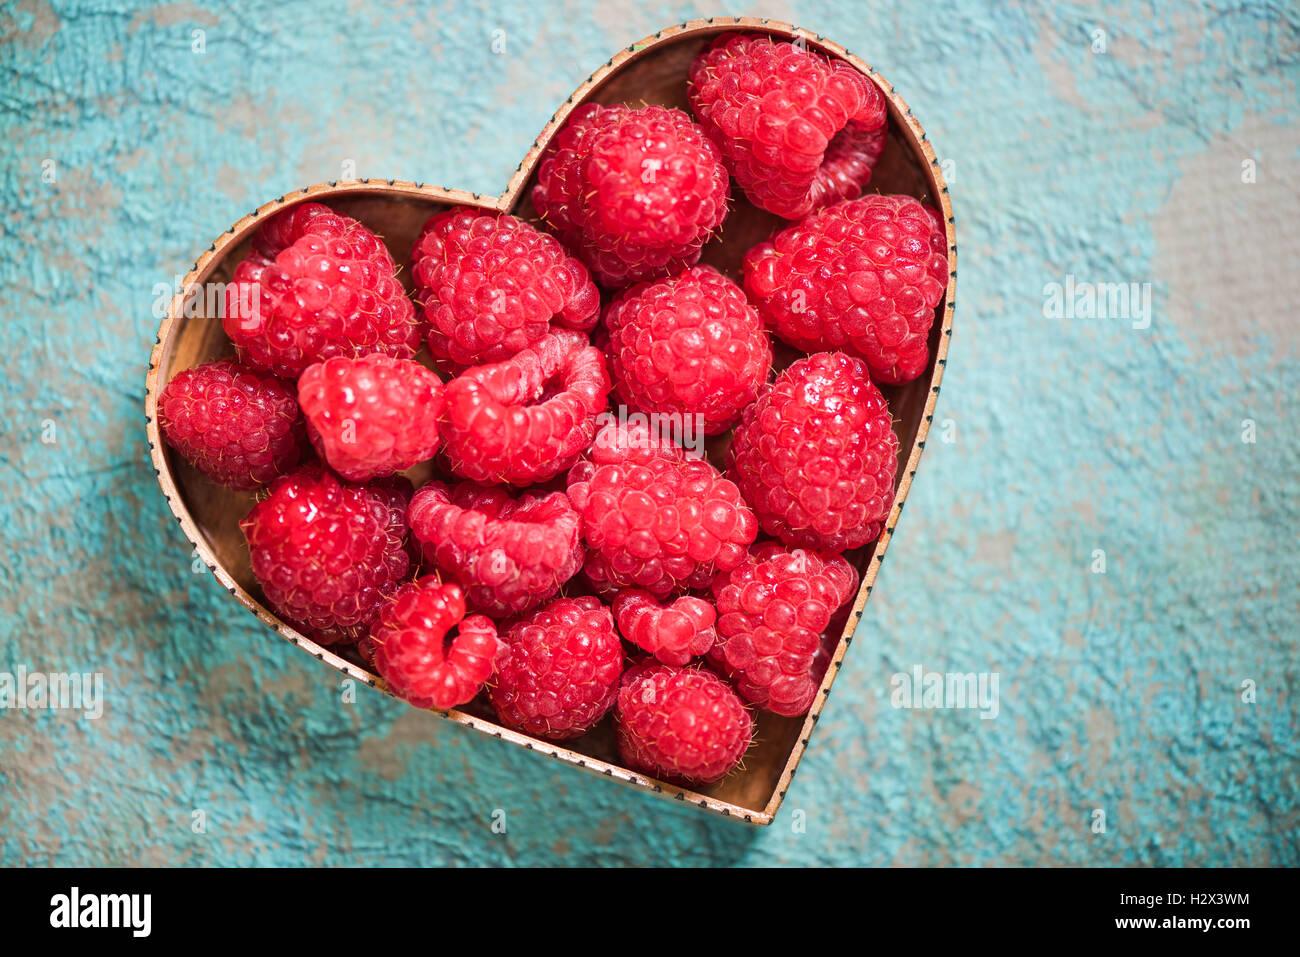 Raspberries in heart shape symbol love for fruits and healthy raspberries in heart shape symbol love for fruits and healthy living concept biocorpaavc